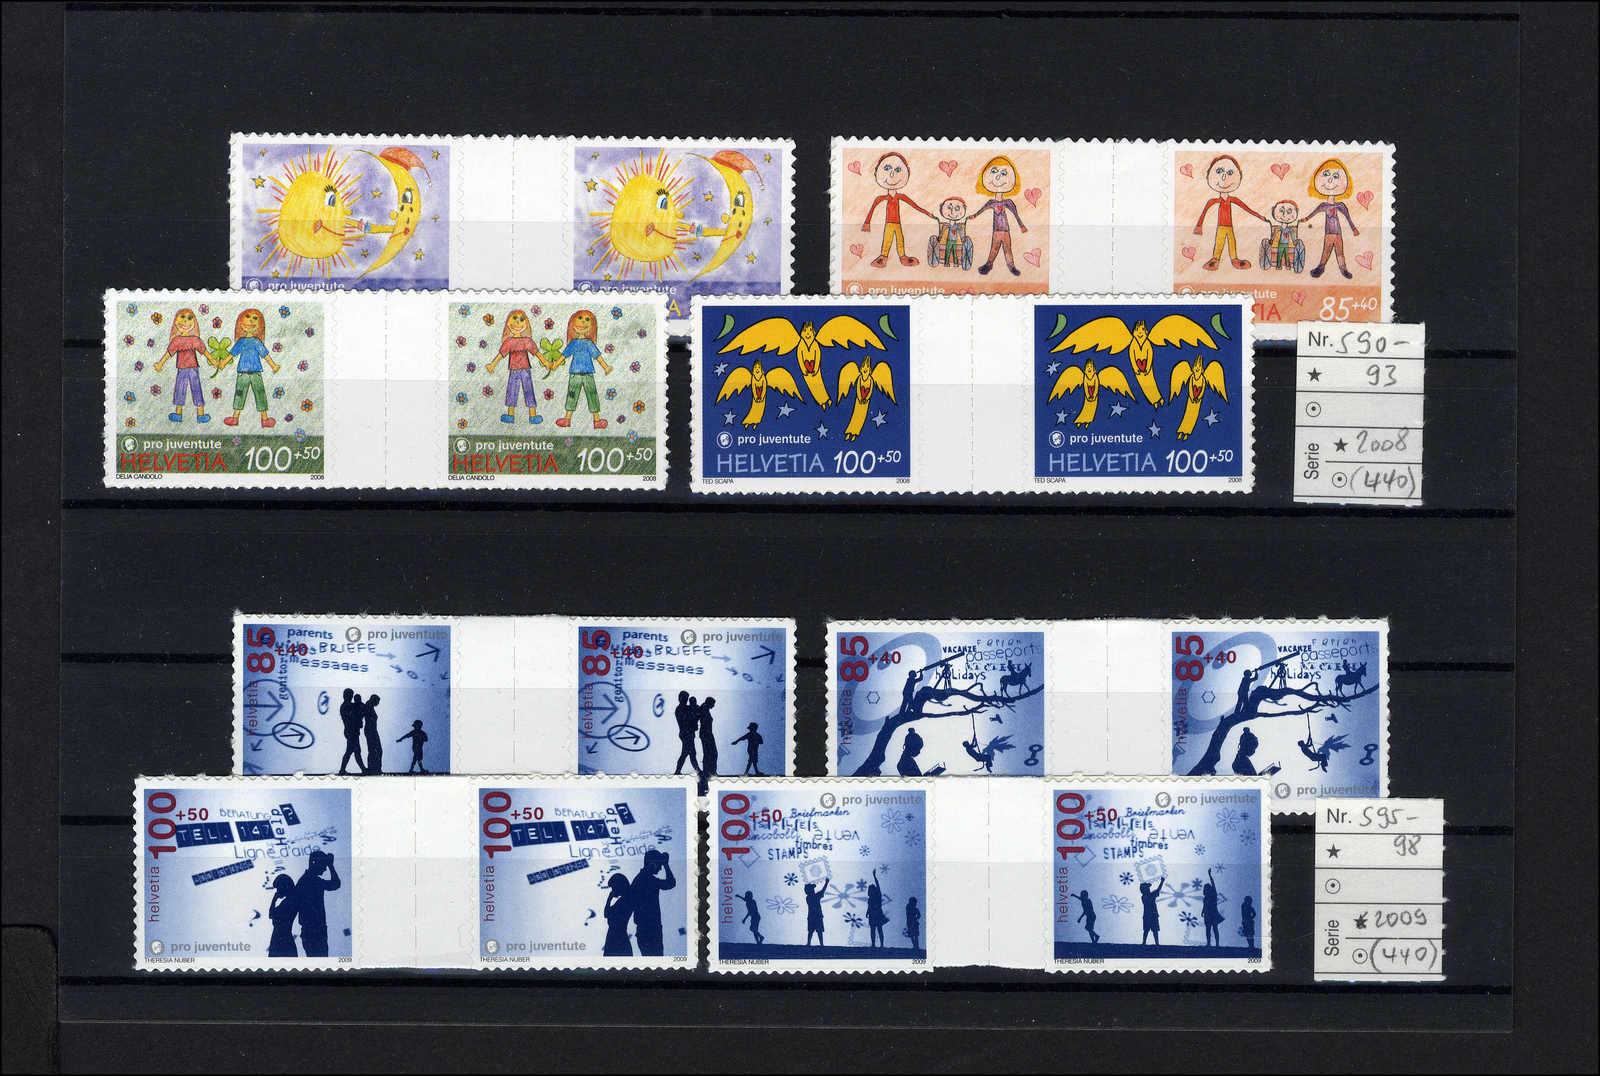 Lot 161 - schweiz schweiz pro juventute -  Rolli Auctions Auction #68 Day 1